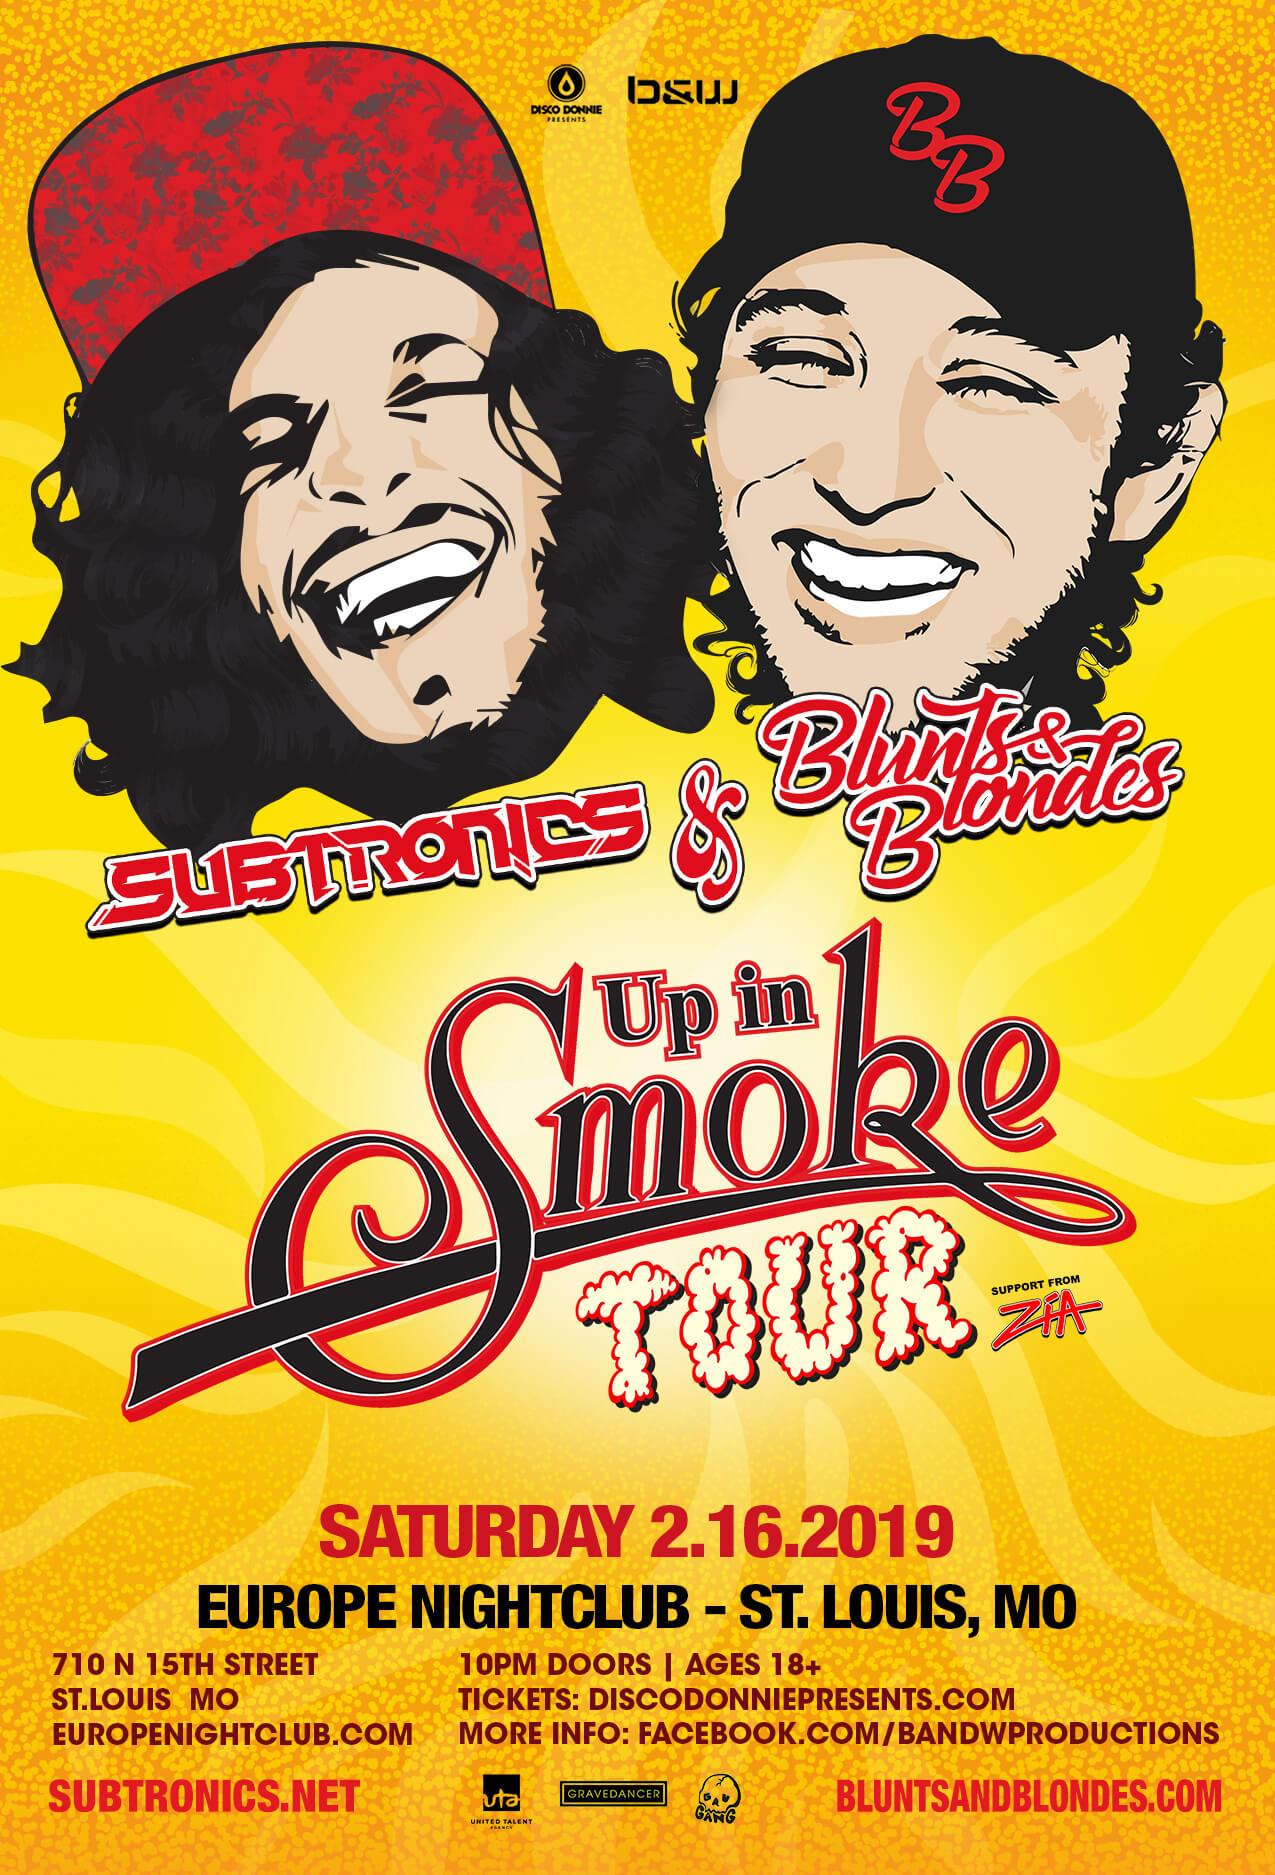 Subtronics, Blunts & Blondes in St Louis